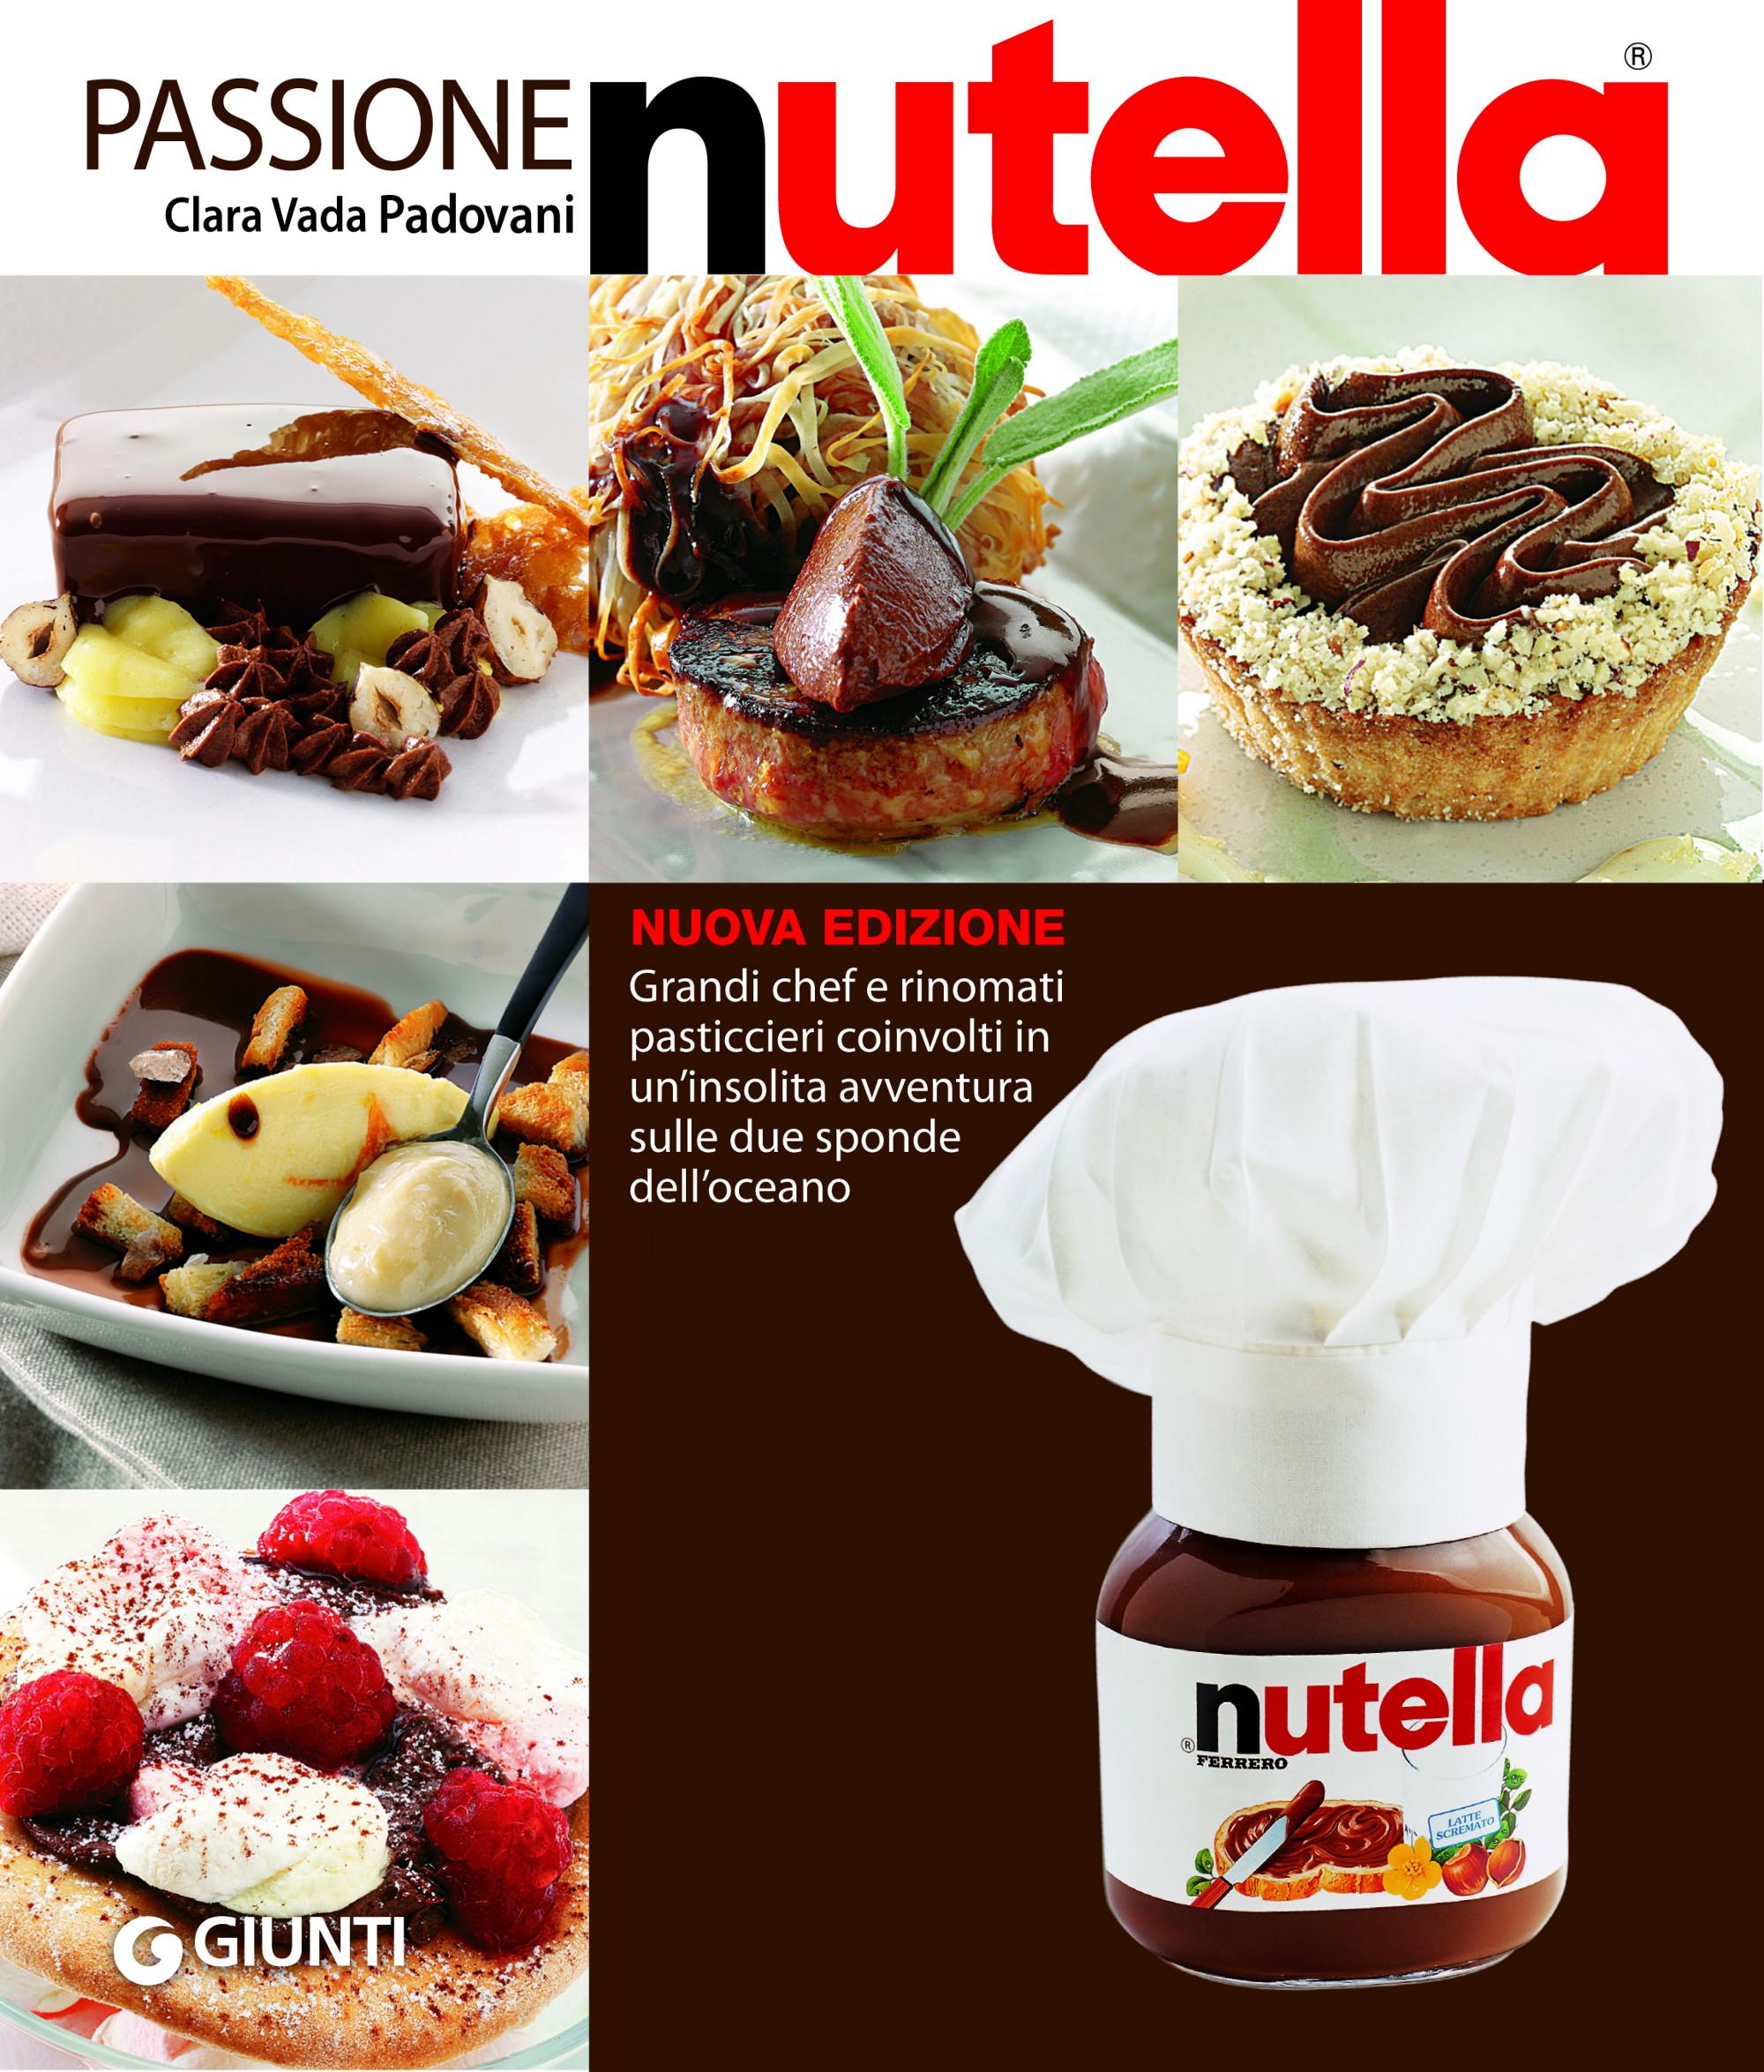 Copertina Passione Nutella, nuova edizione 2010